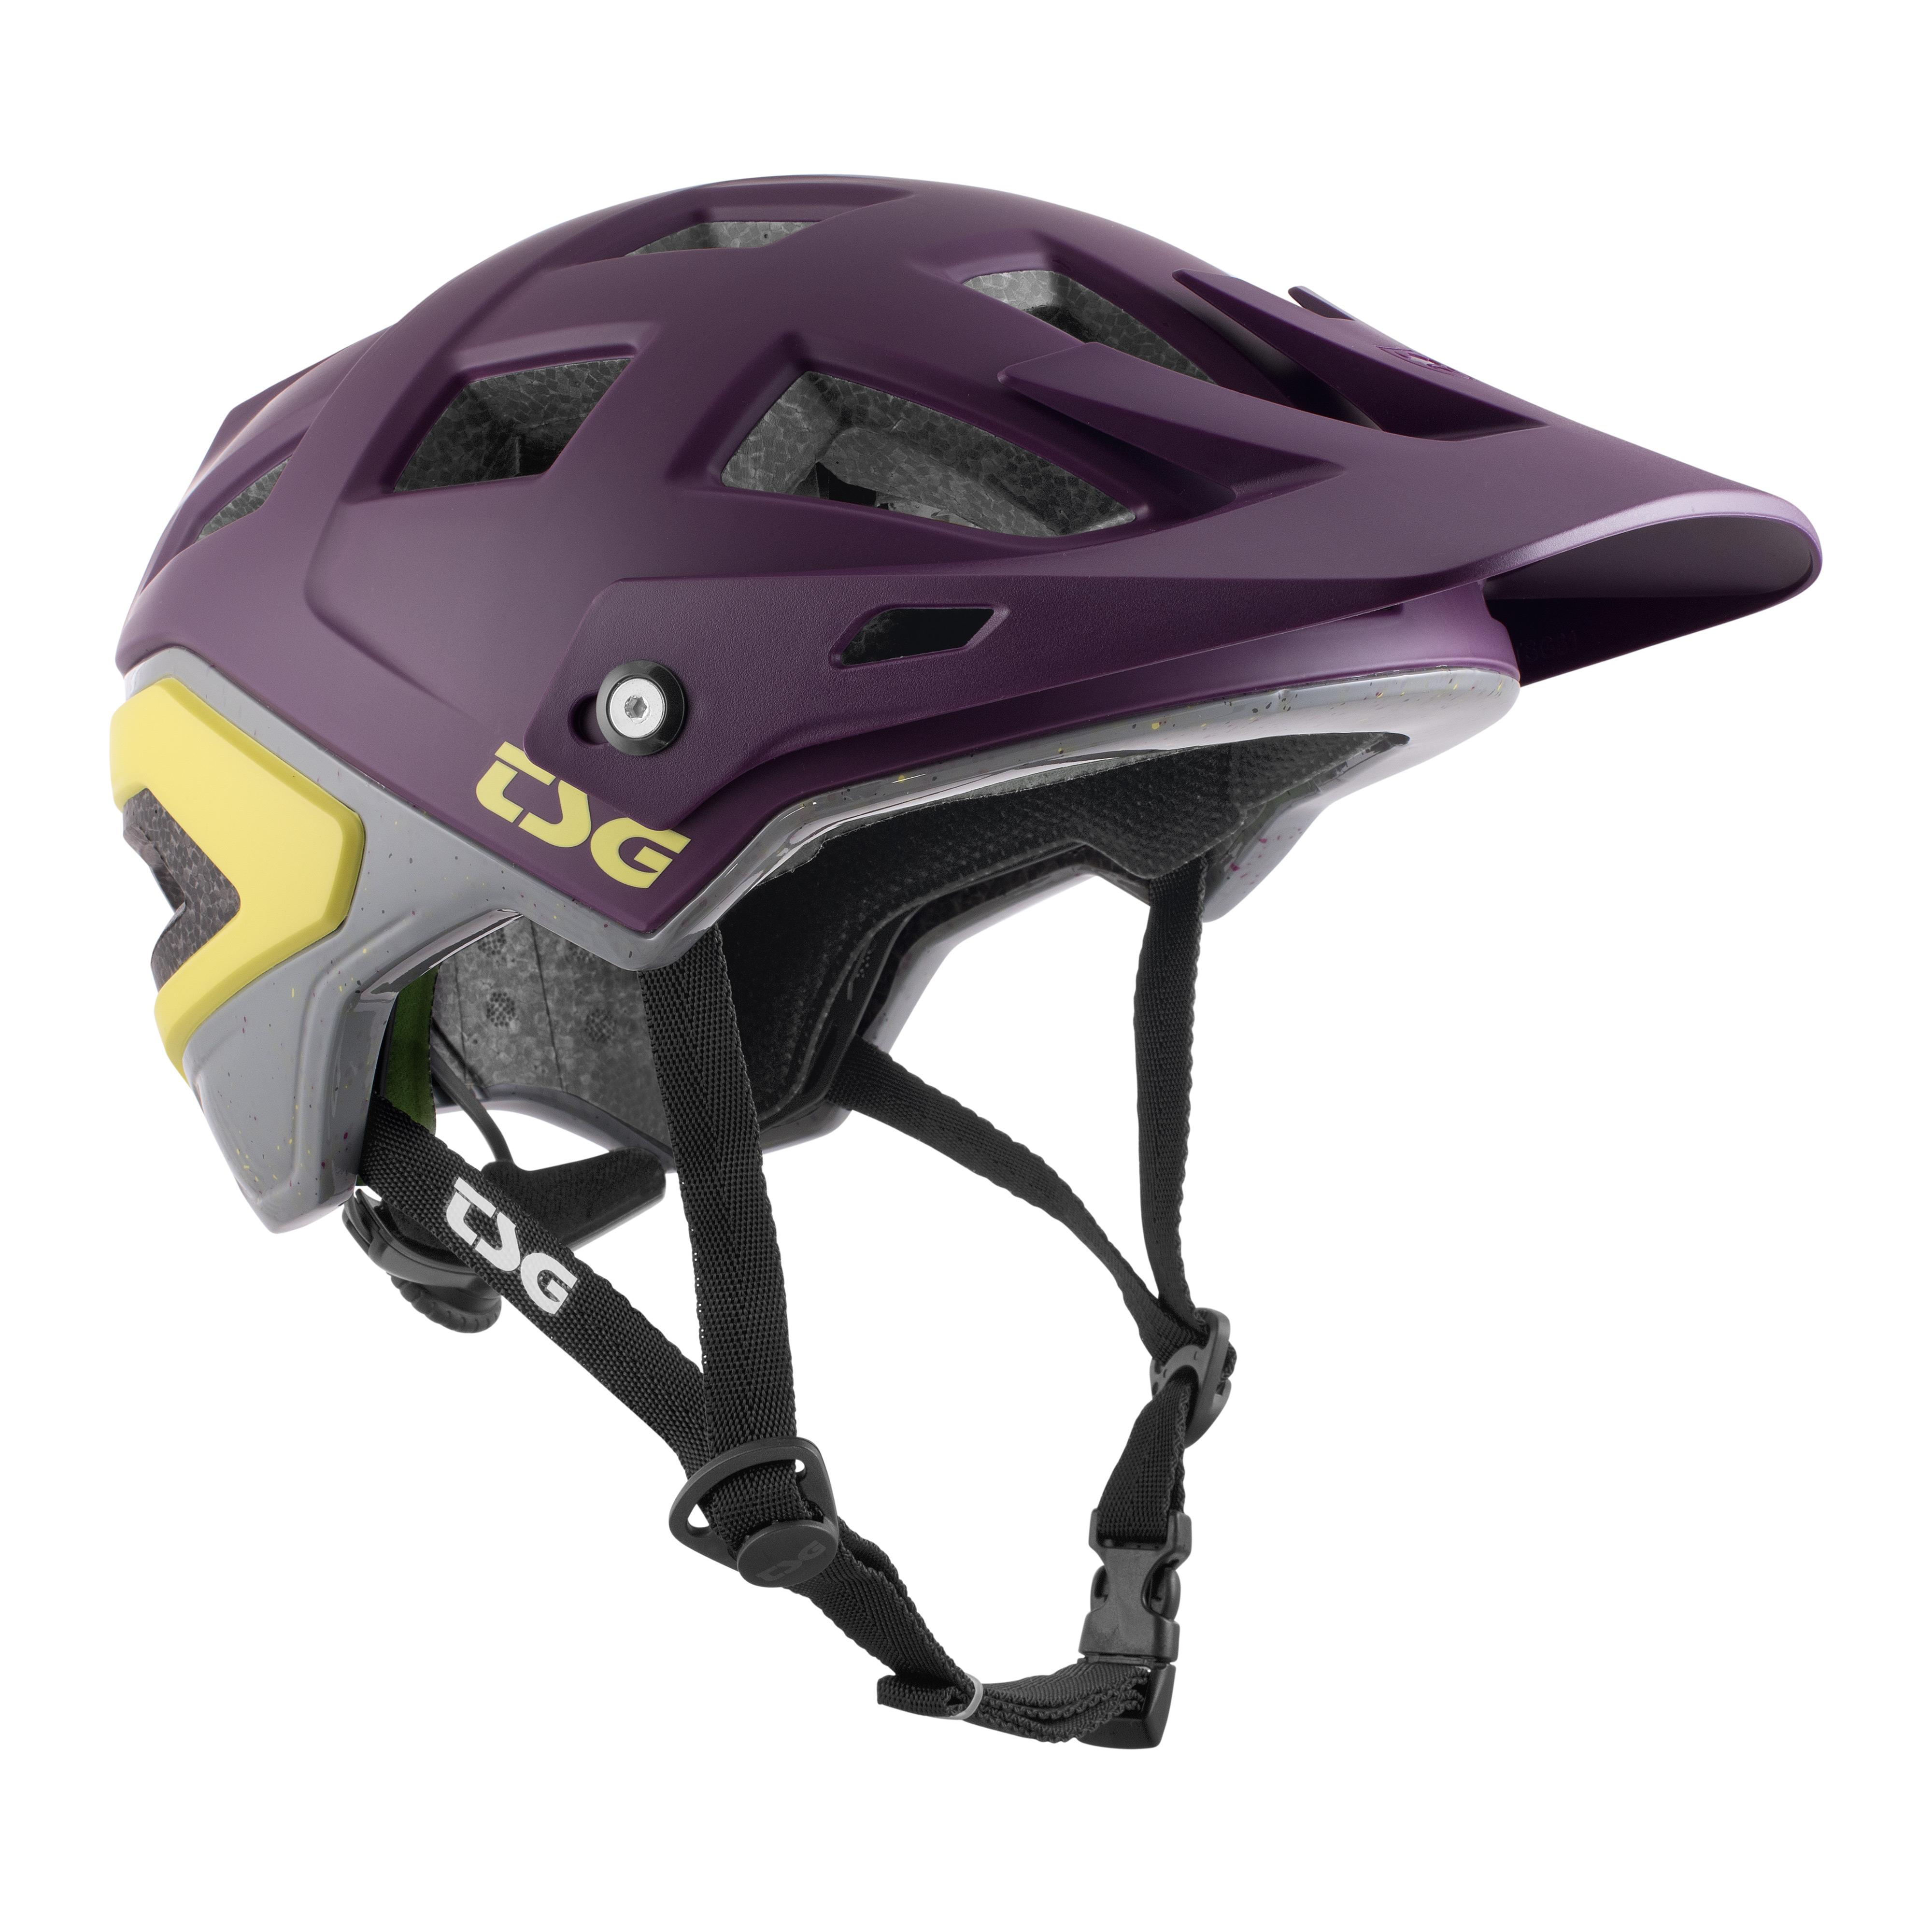 Přilba TSG Skate/BMX Injected Color olivová, S / M